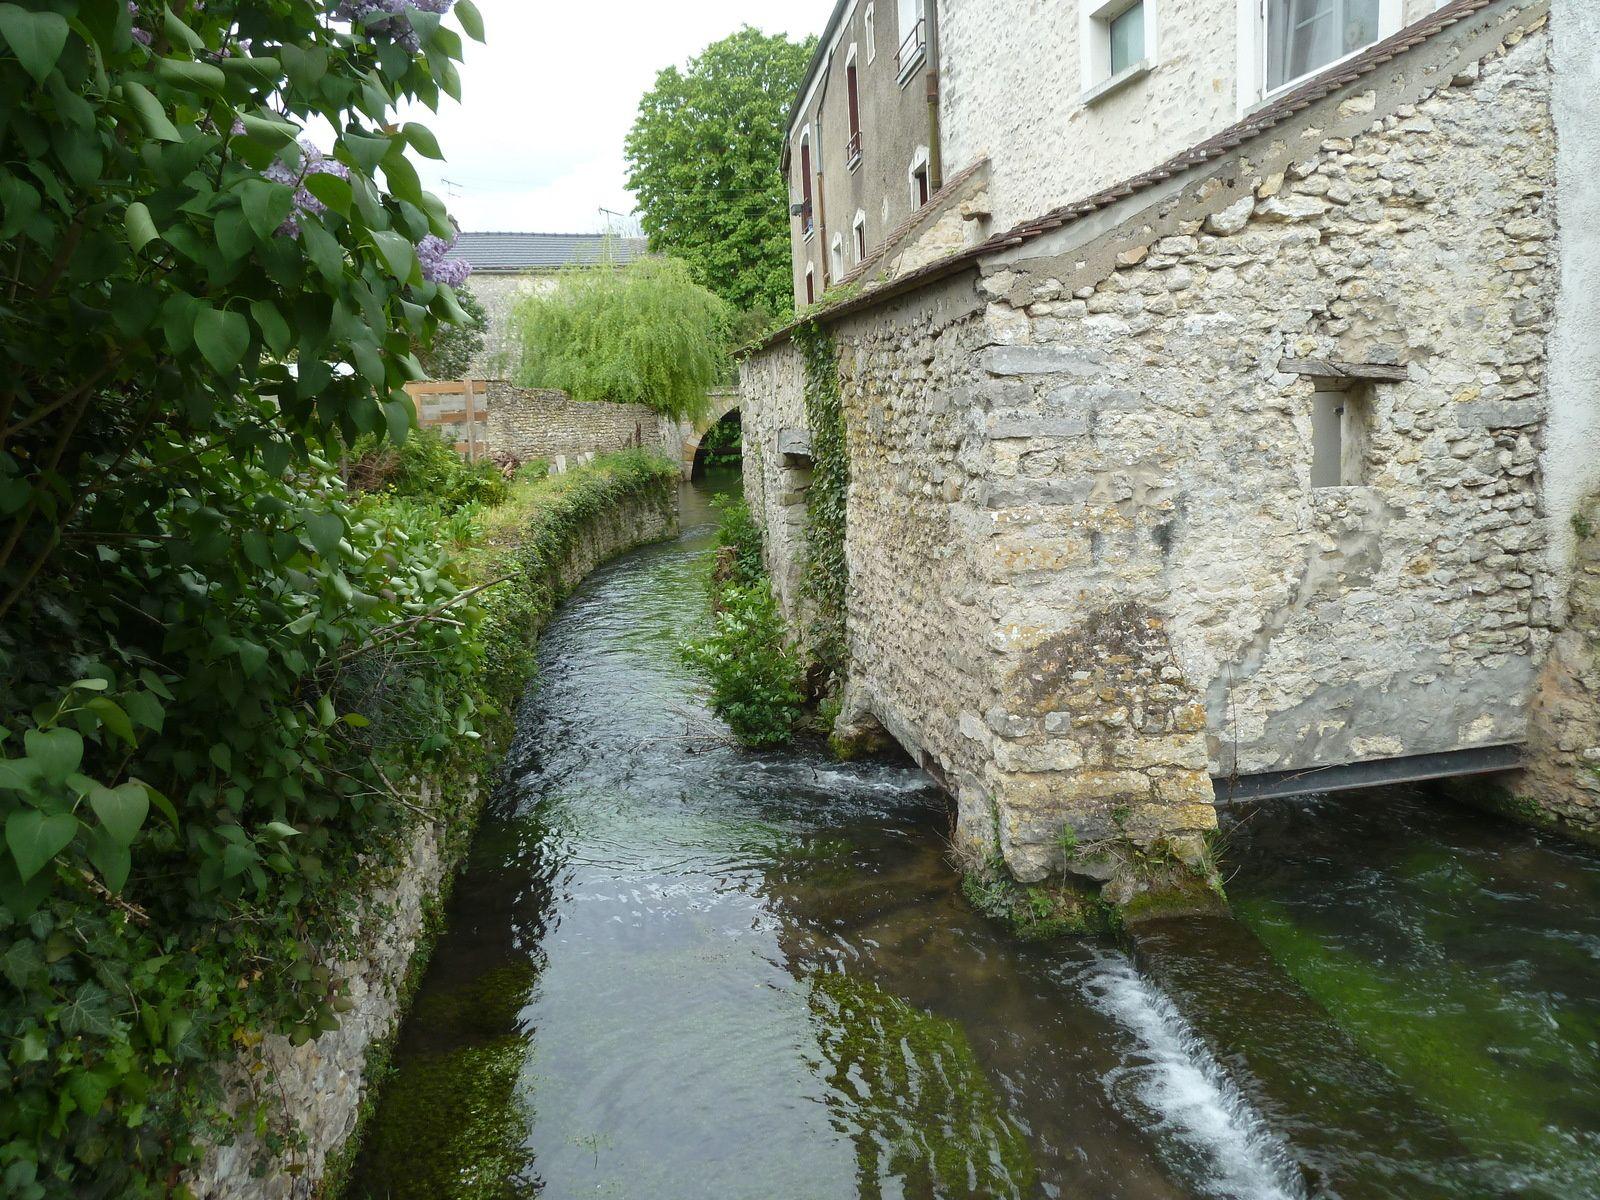 Randonnée en boucle de Saint-Martin d'Etampes - 19,7 km.